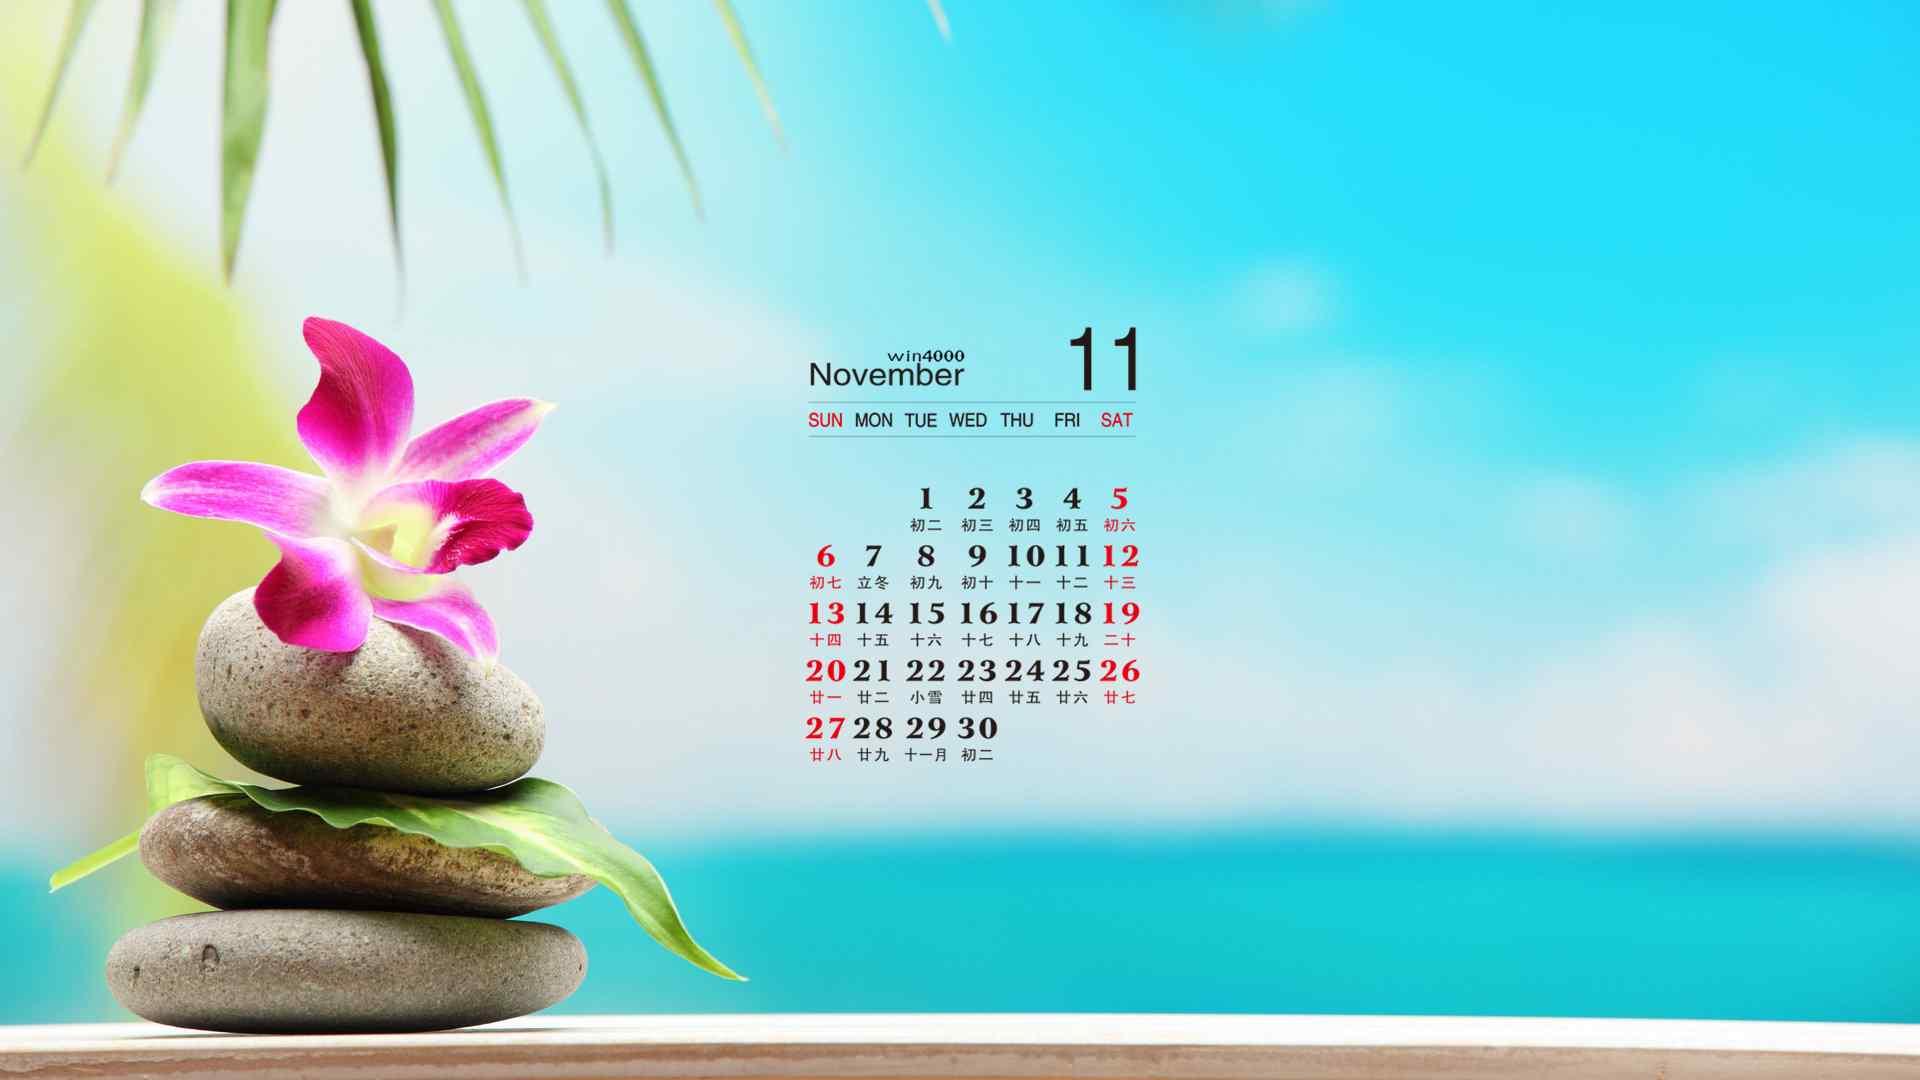 2016年11月日历蔚蓝大海风景图片高清壁纸